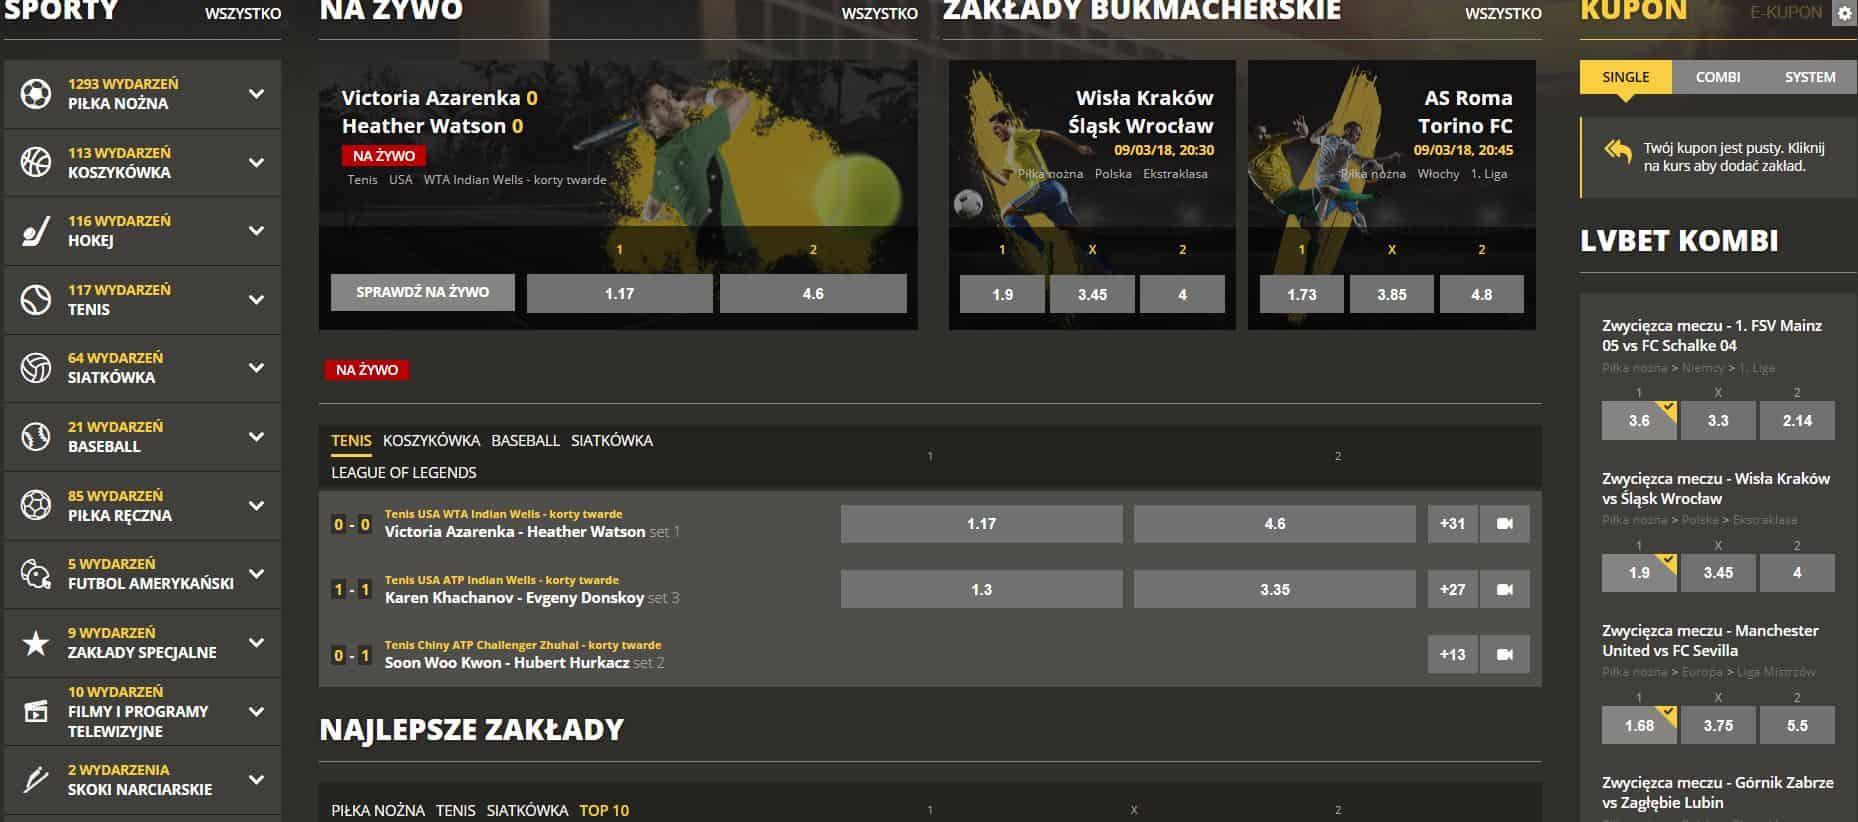 Zakłady Bukmacherskie LvBET oficjalna strona www